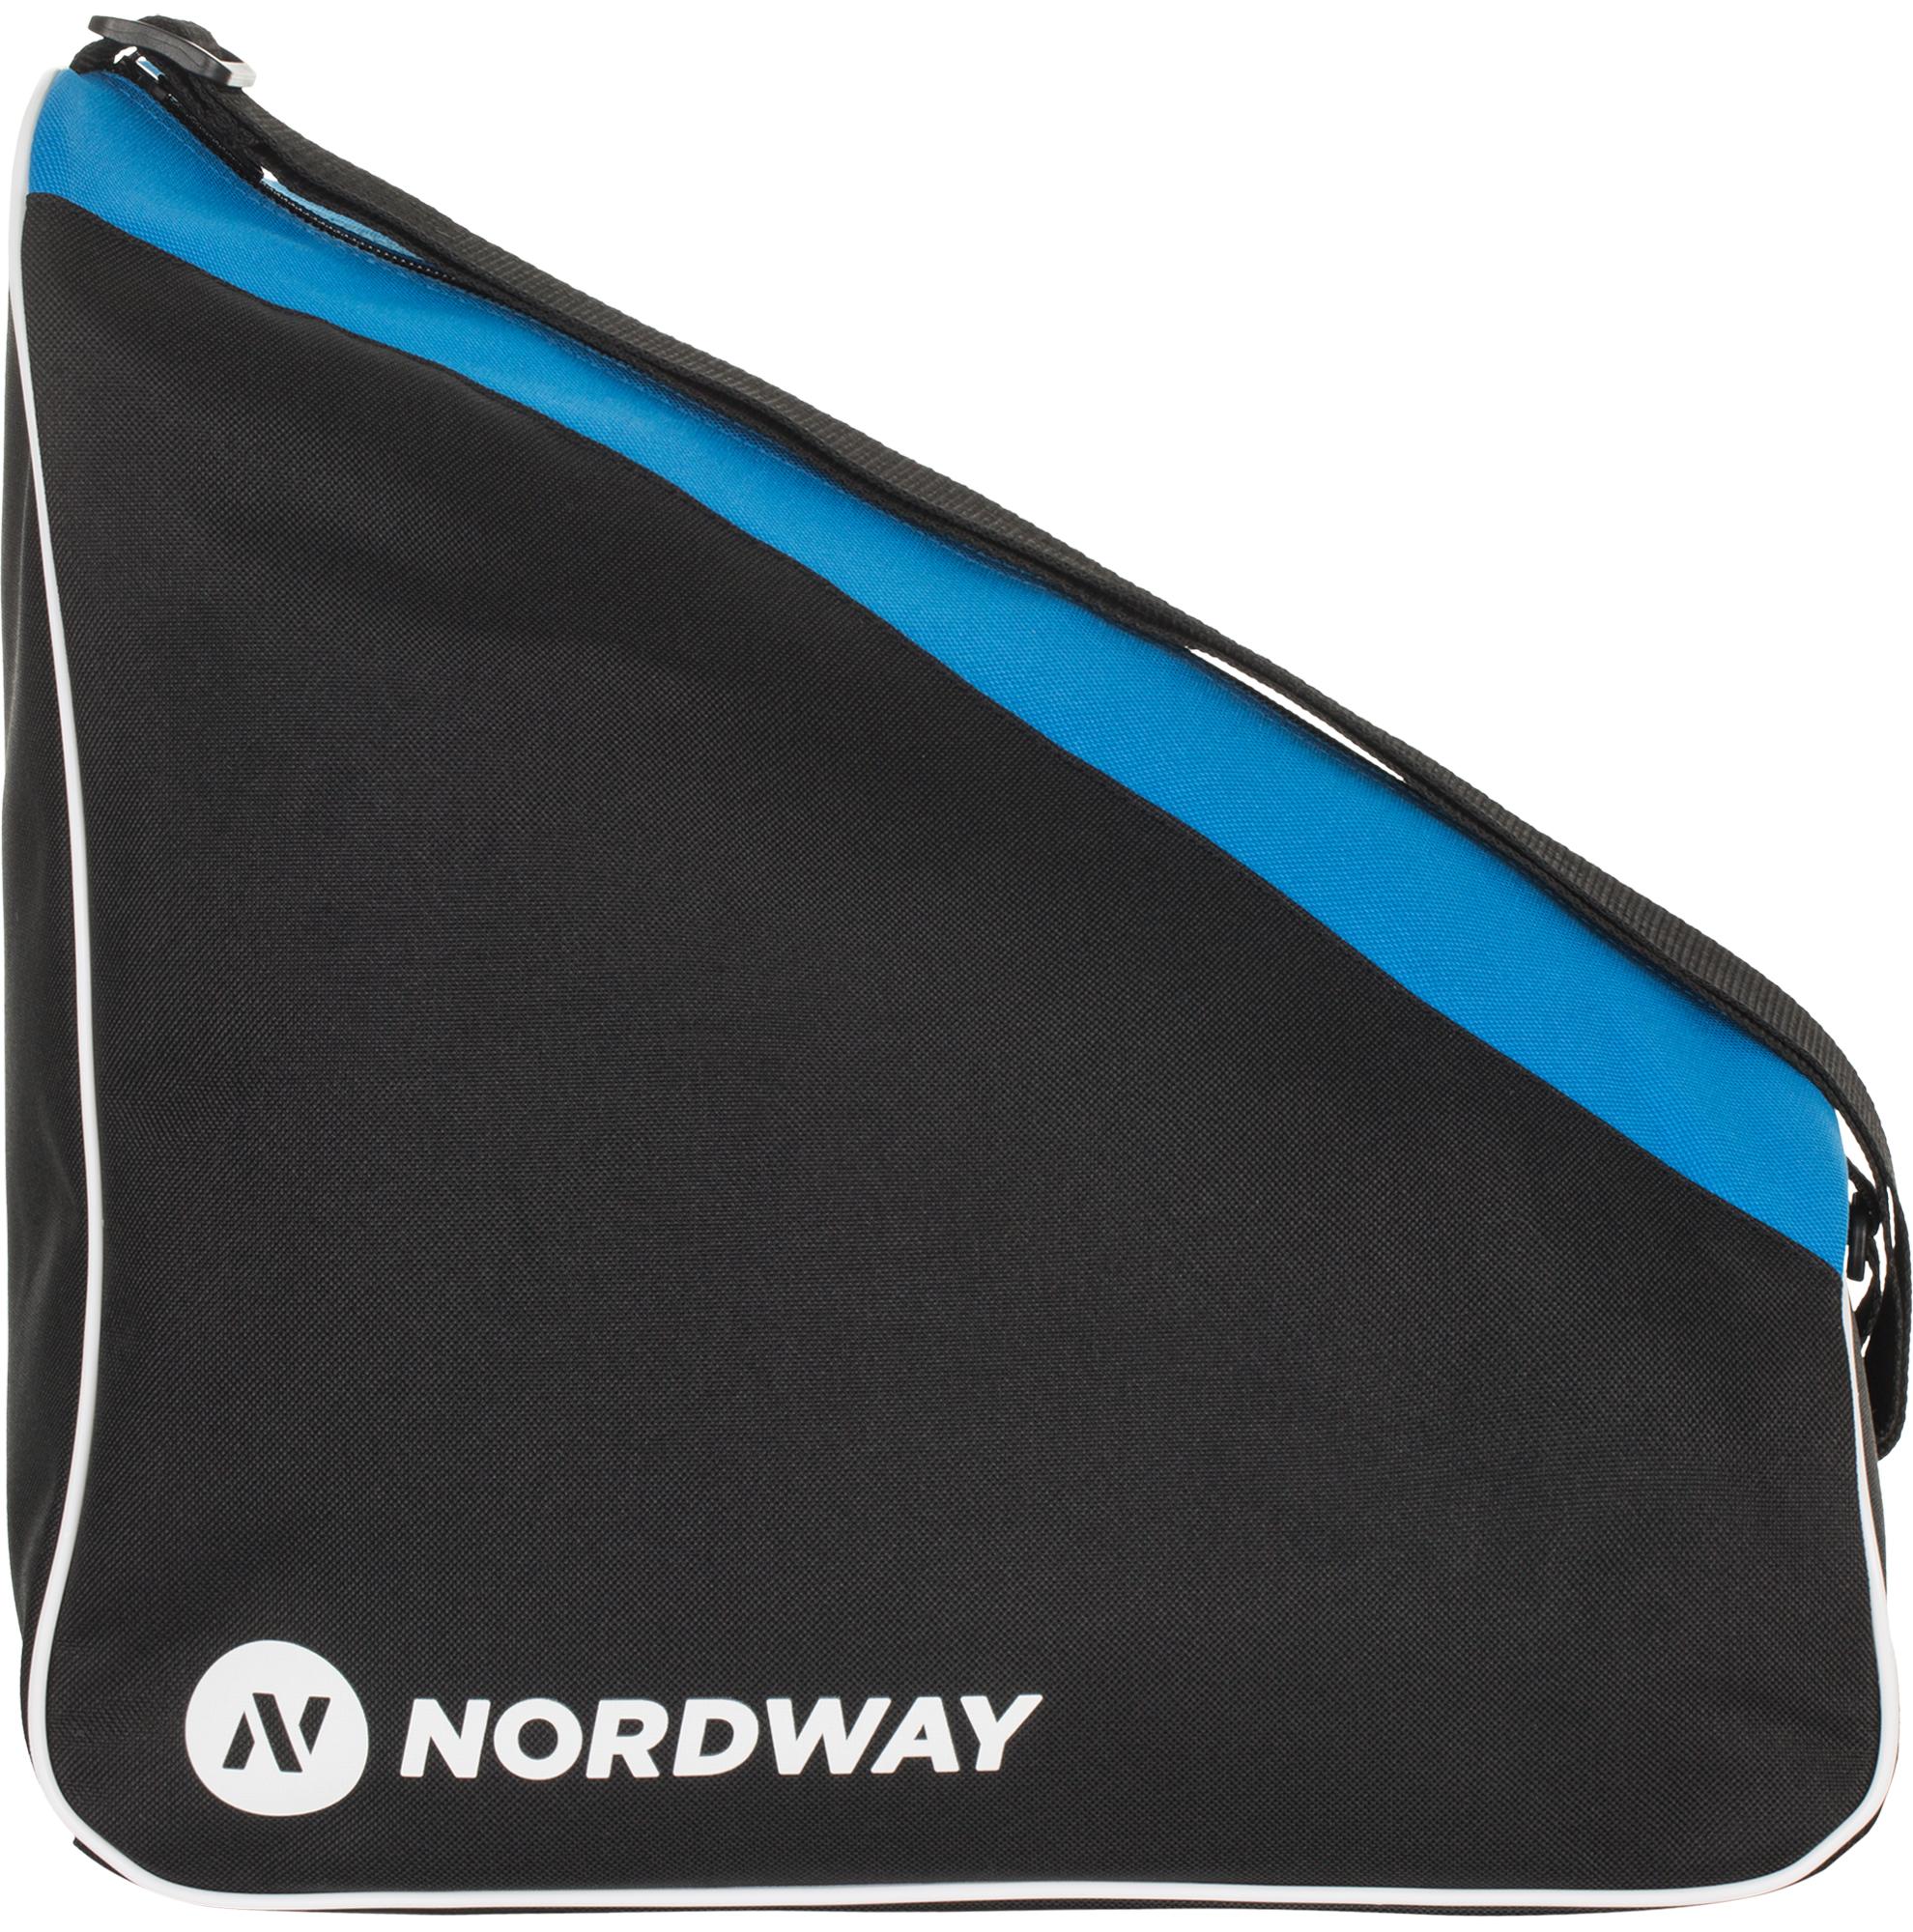 nordway сумка для переноски ледовых коньков детская nordway Nordway Сумка для ледовых коньков детская Nordway